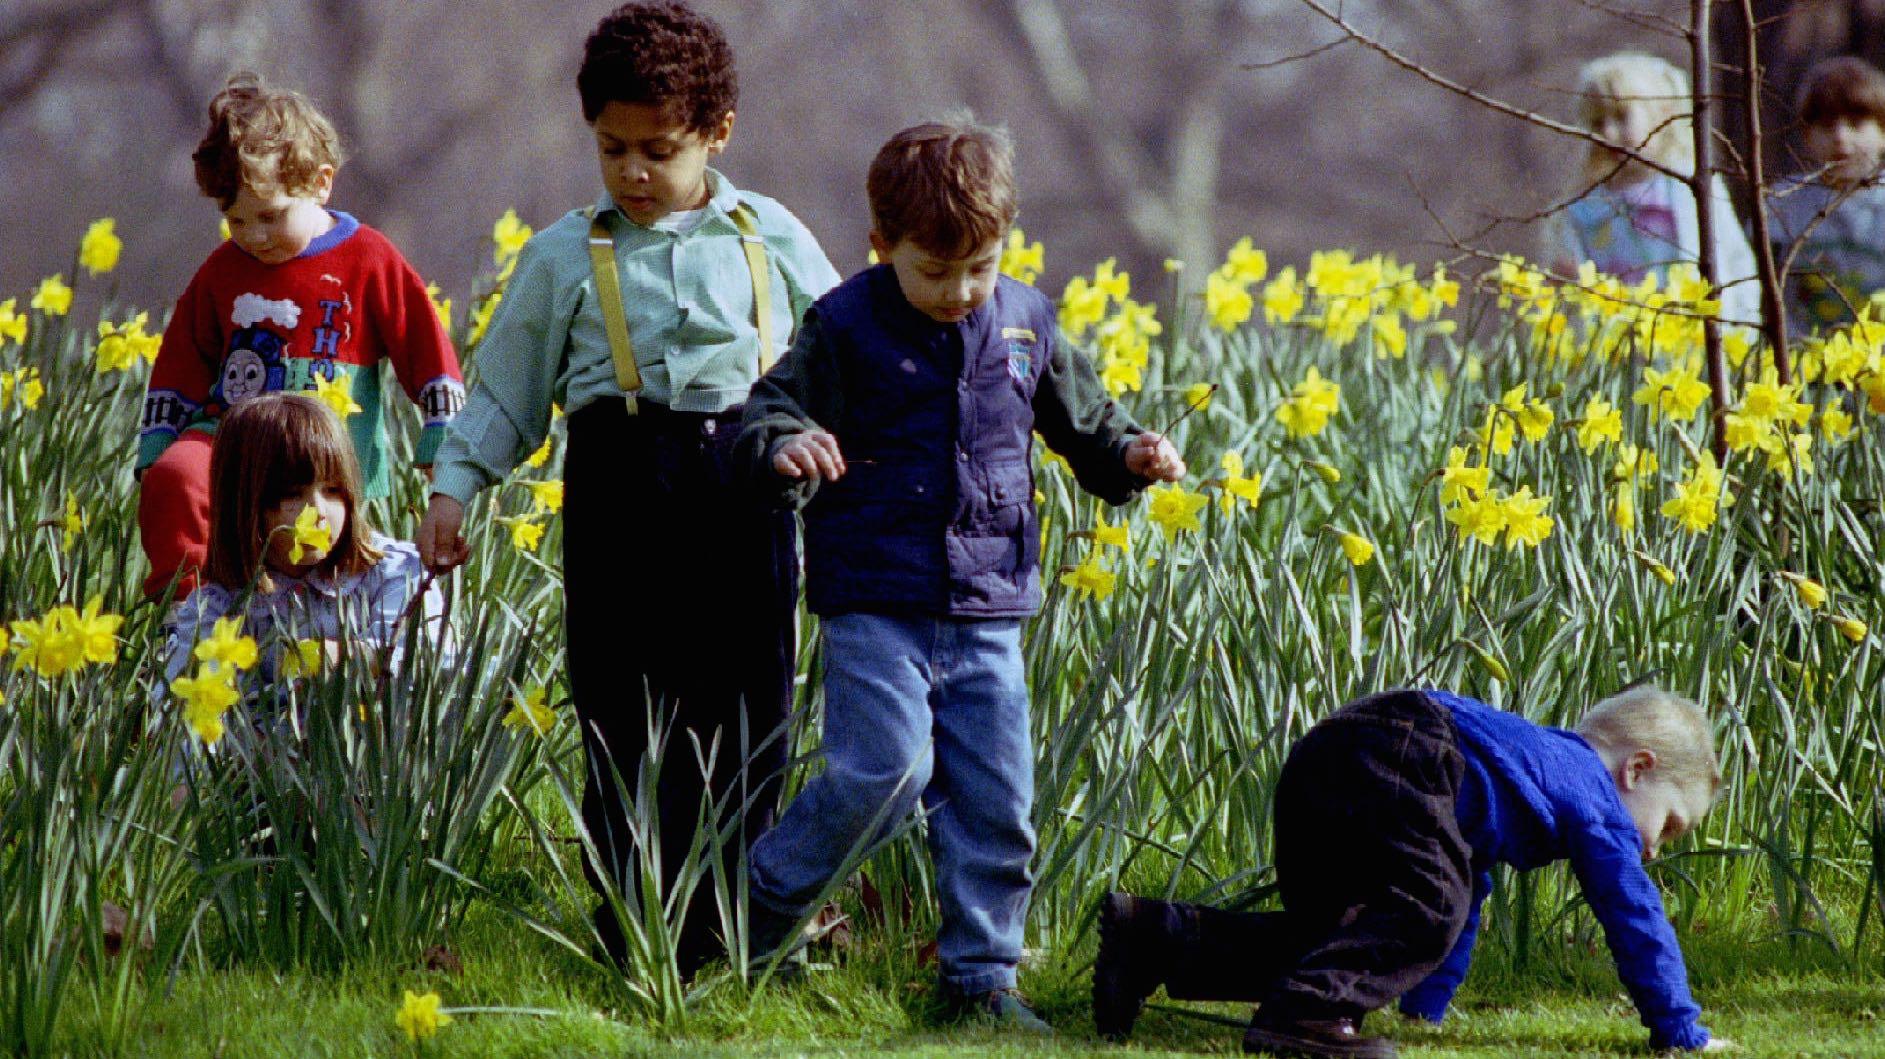 happy kids in spring